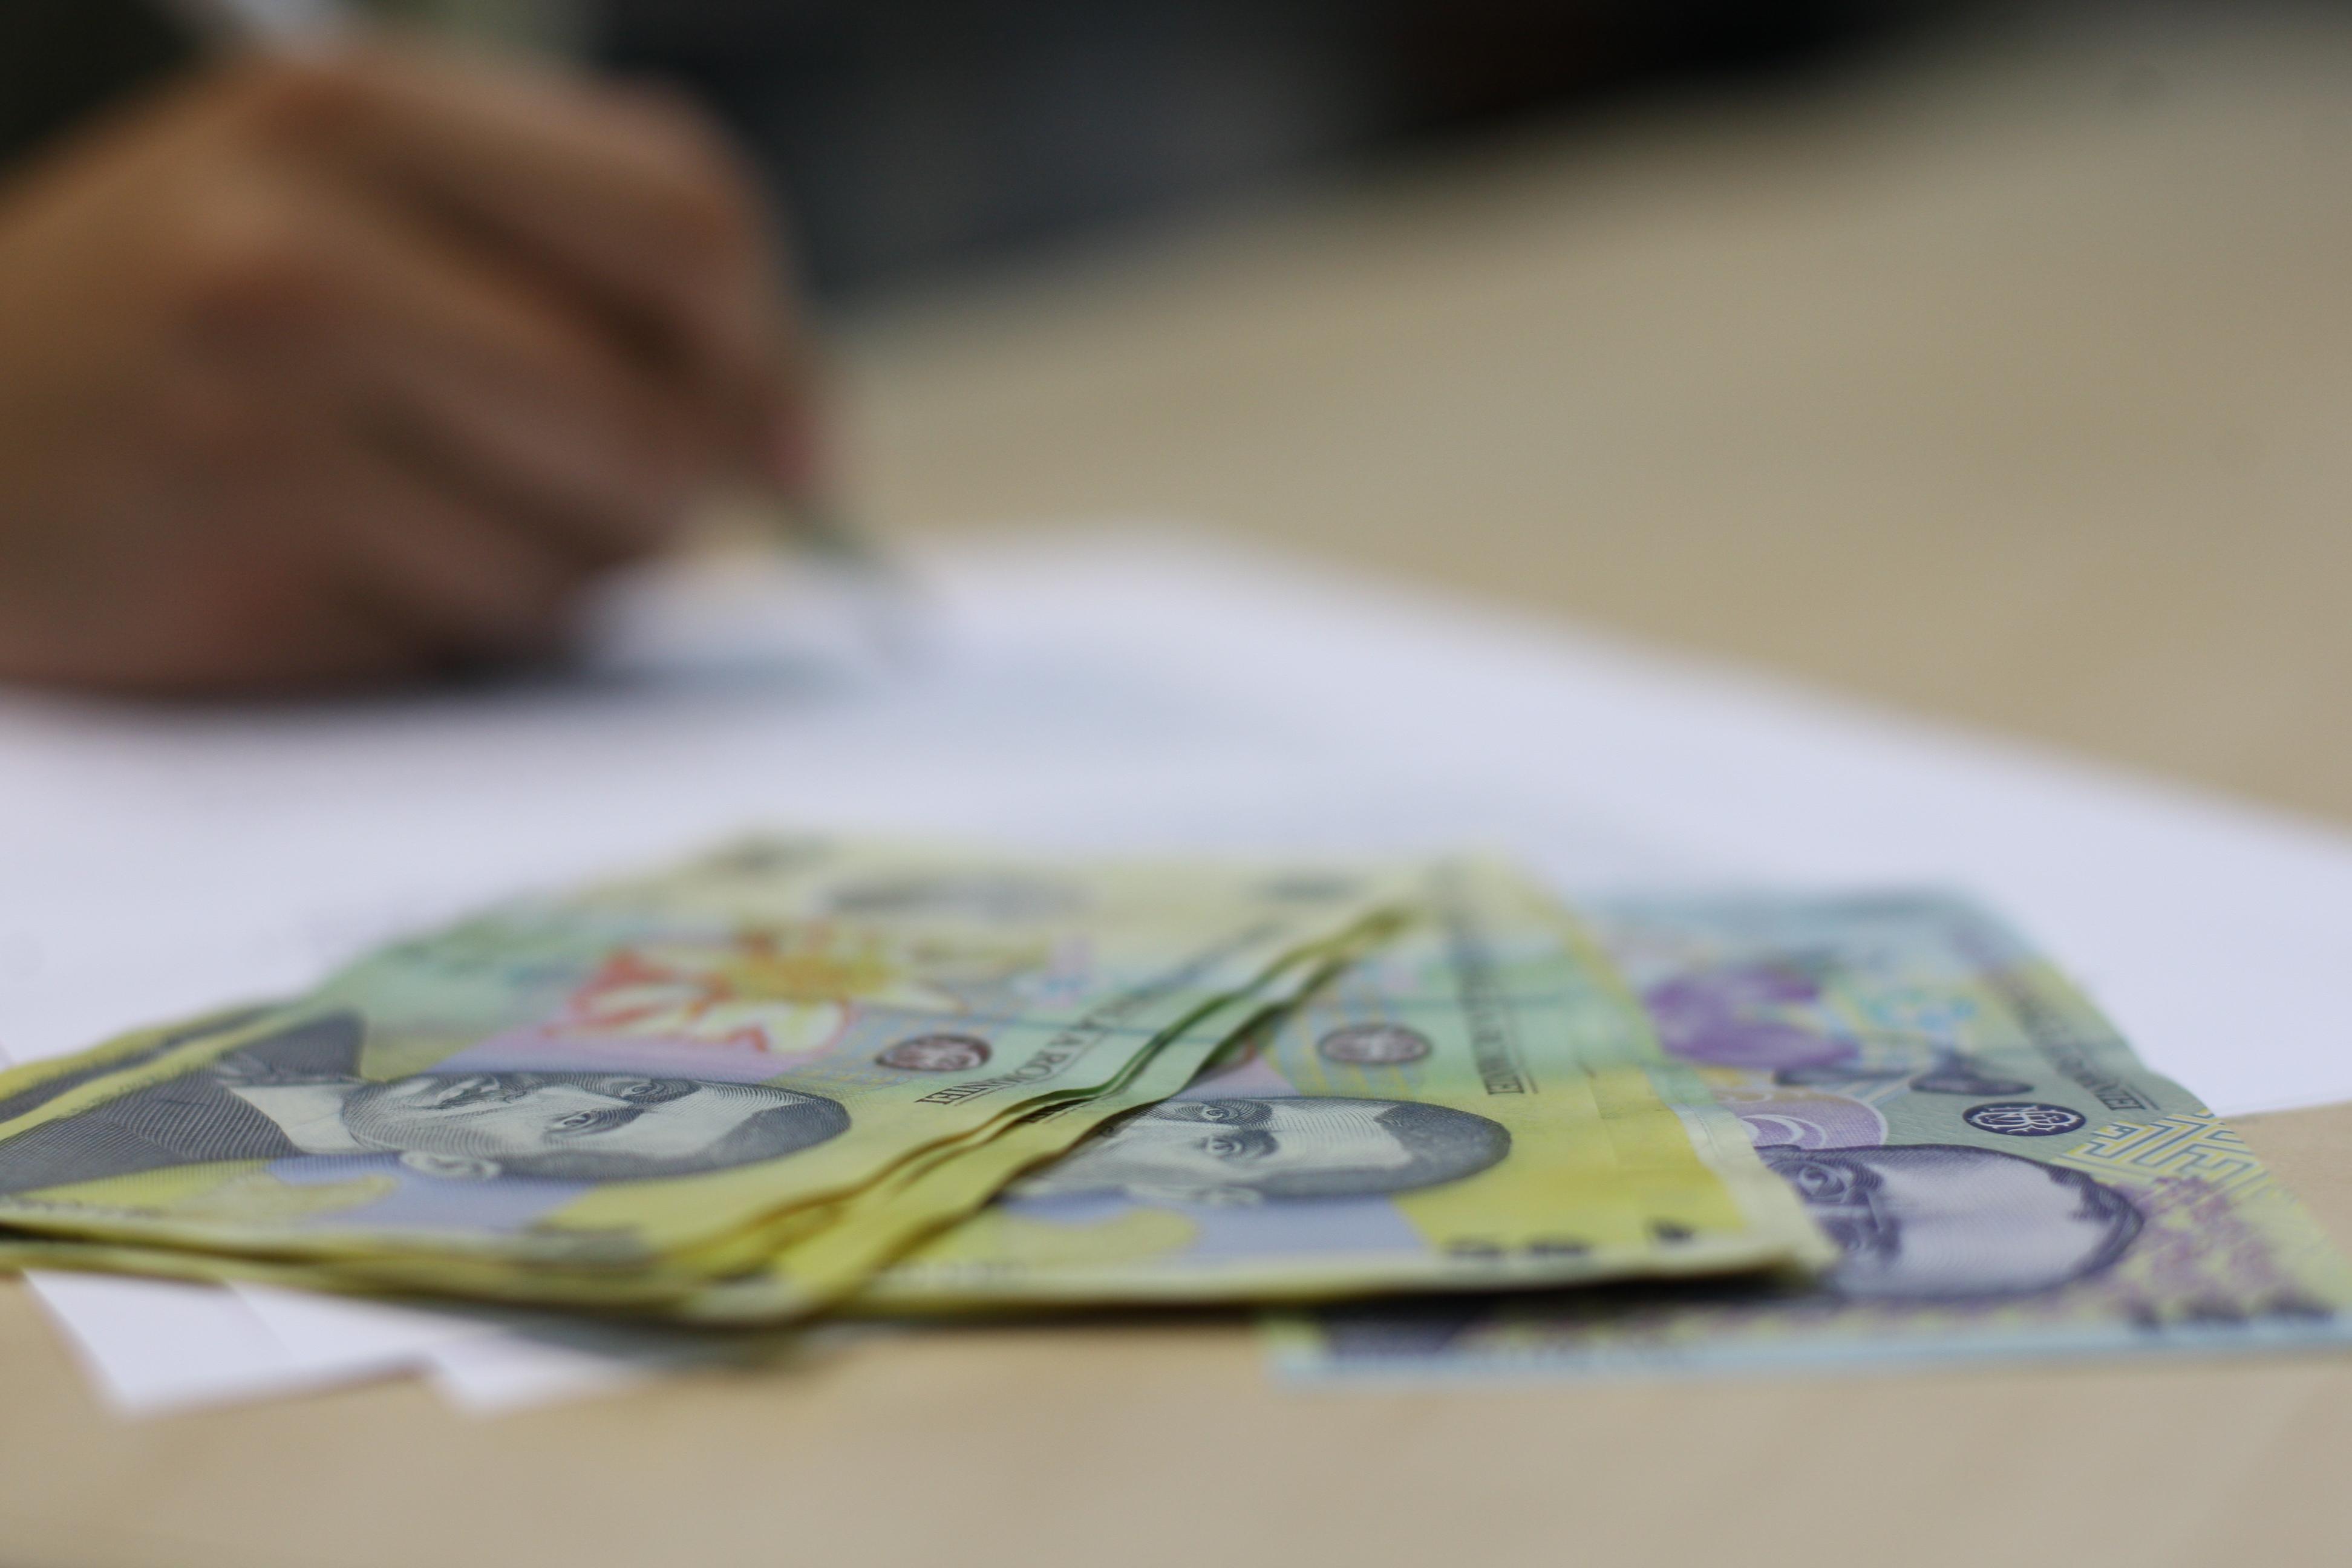 Liviu Voinea: Banii de salarii şi pensii ajung şi fără majorarea de accize de la 1 aprilie